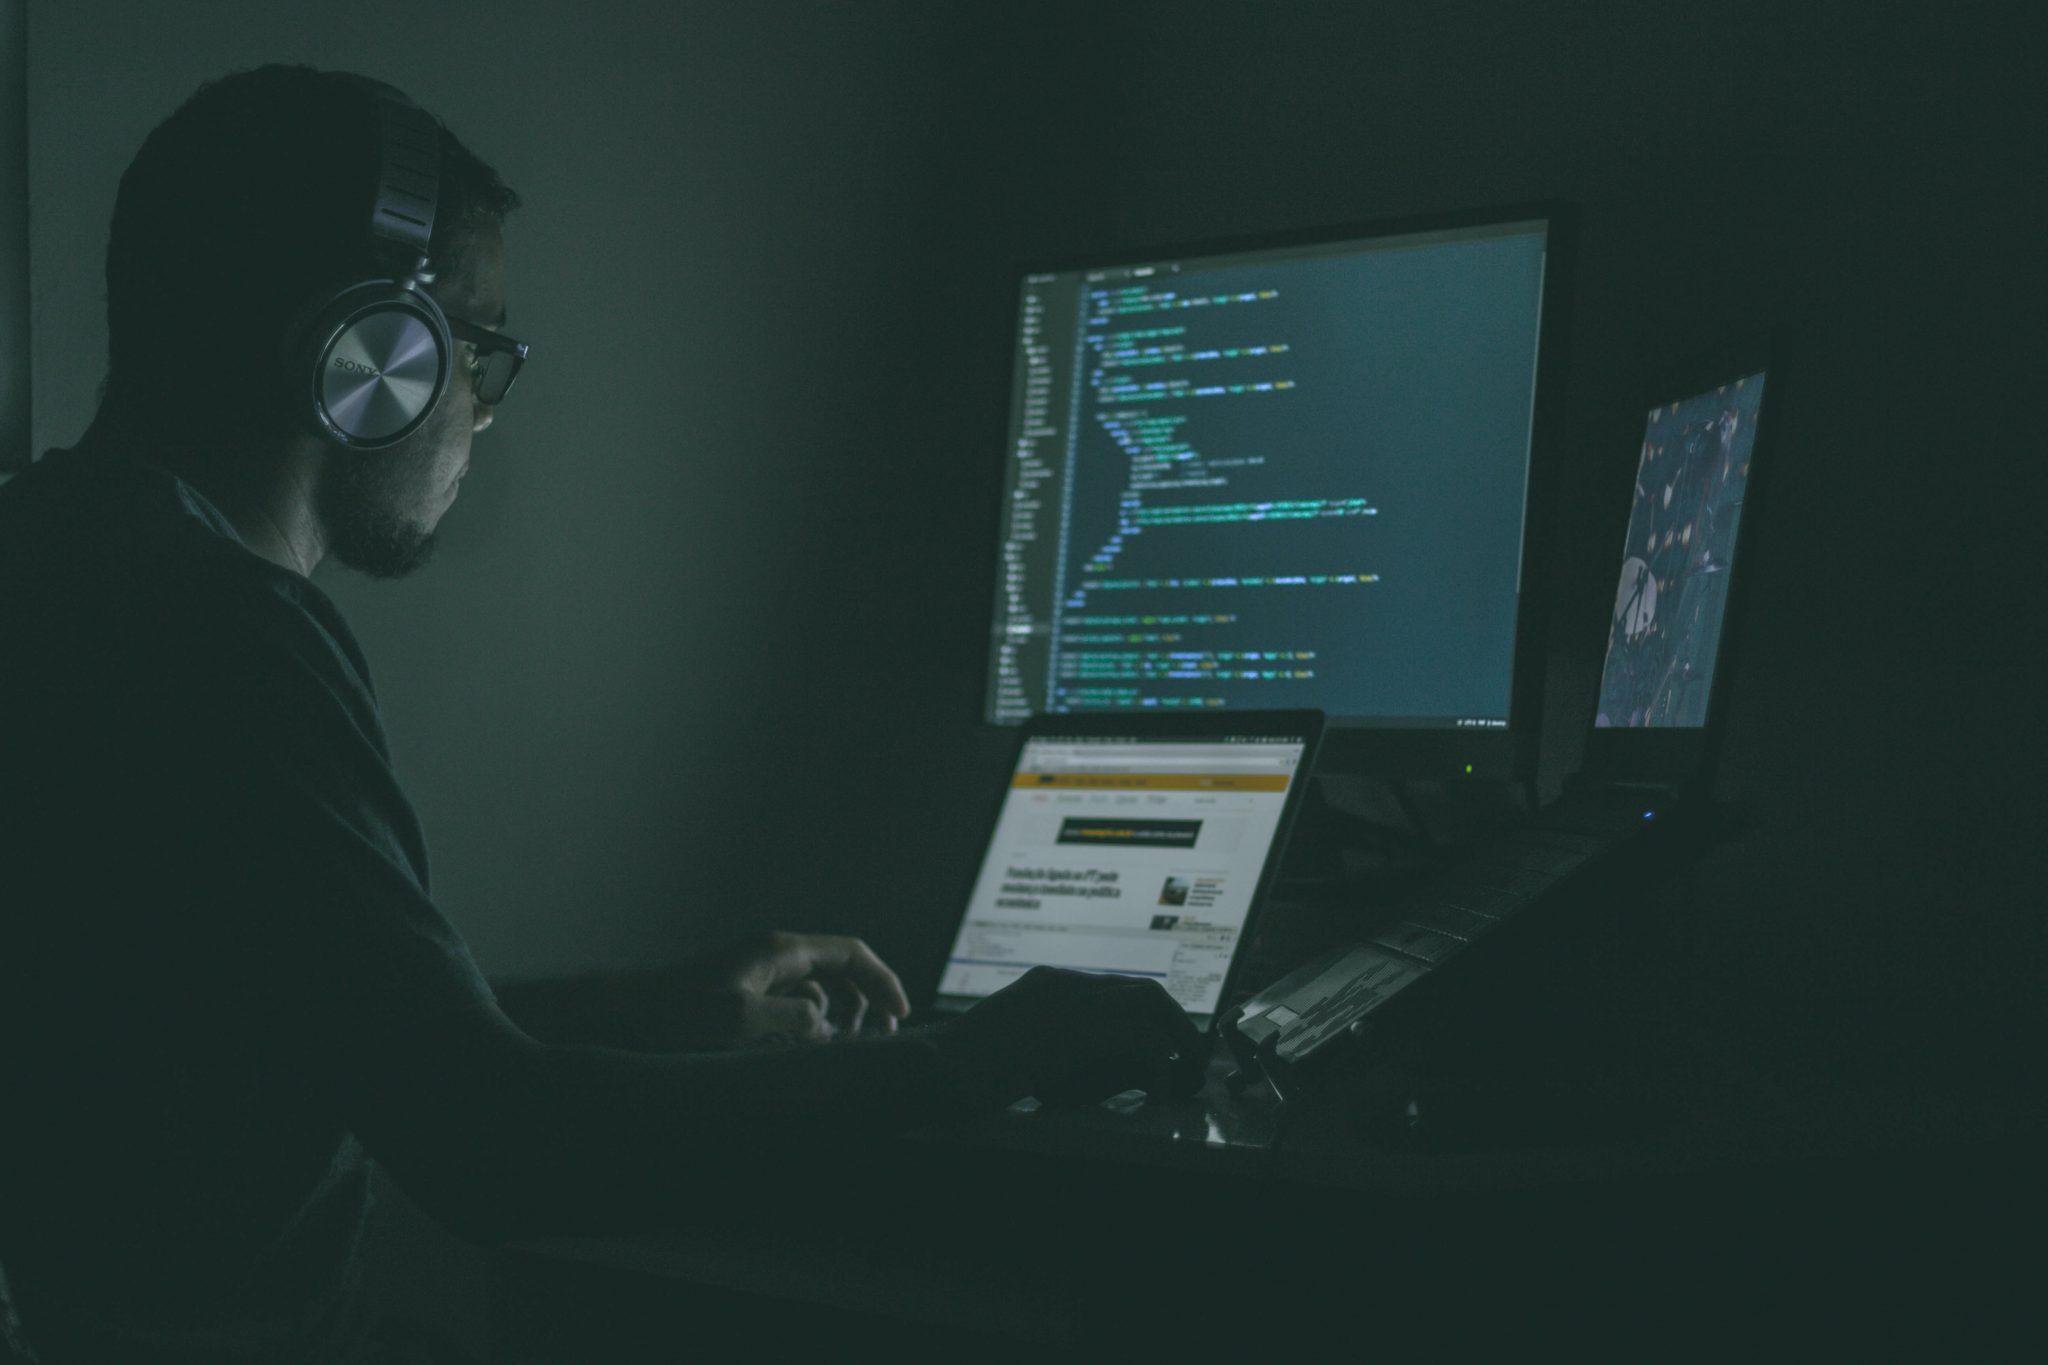 How Do I Find the Category Of a Website Using API?